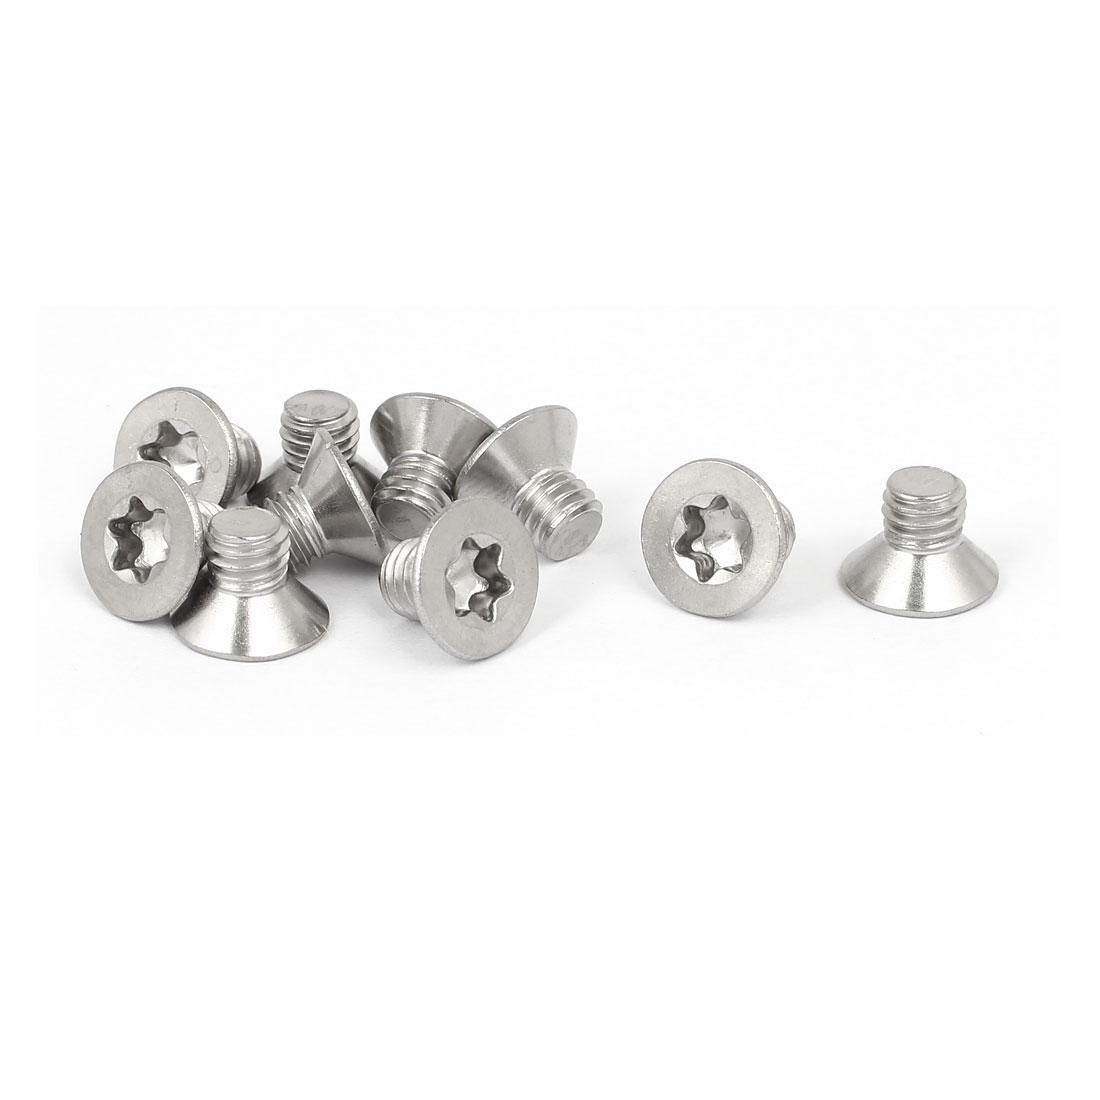 M6 x 8mm 316 Stainless Steel Flat Torx Head Machine Screw Silver Tone 10pcs